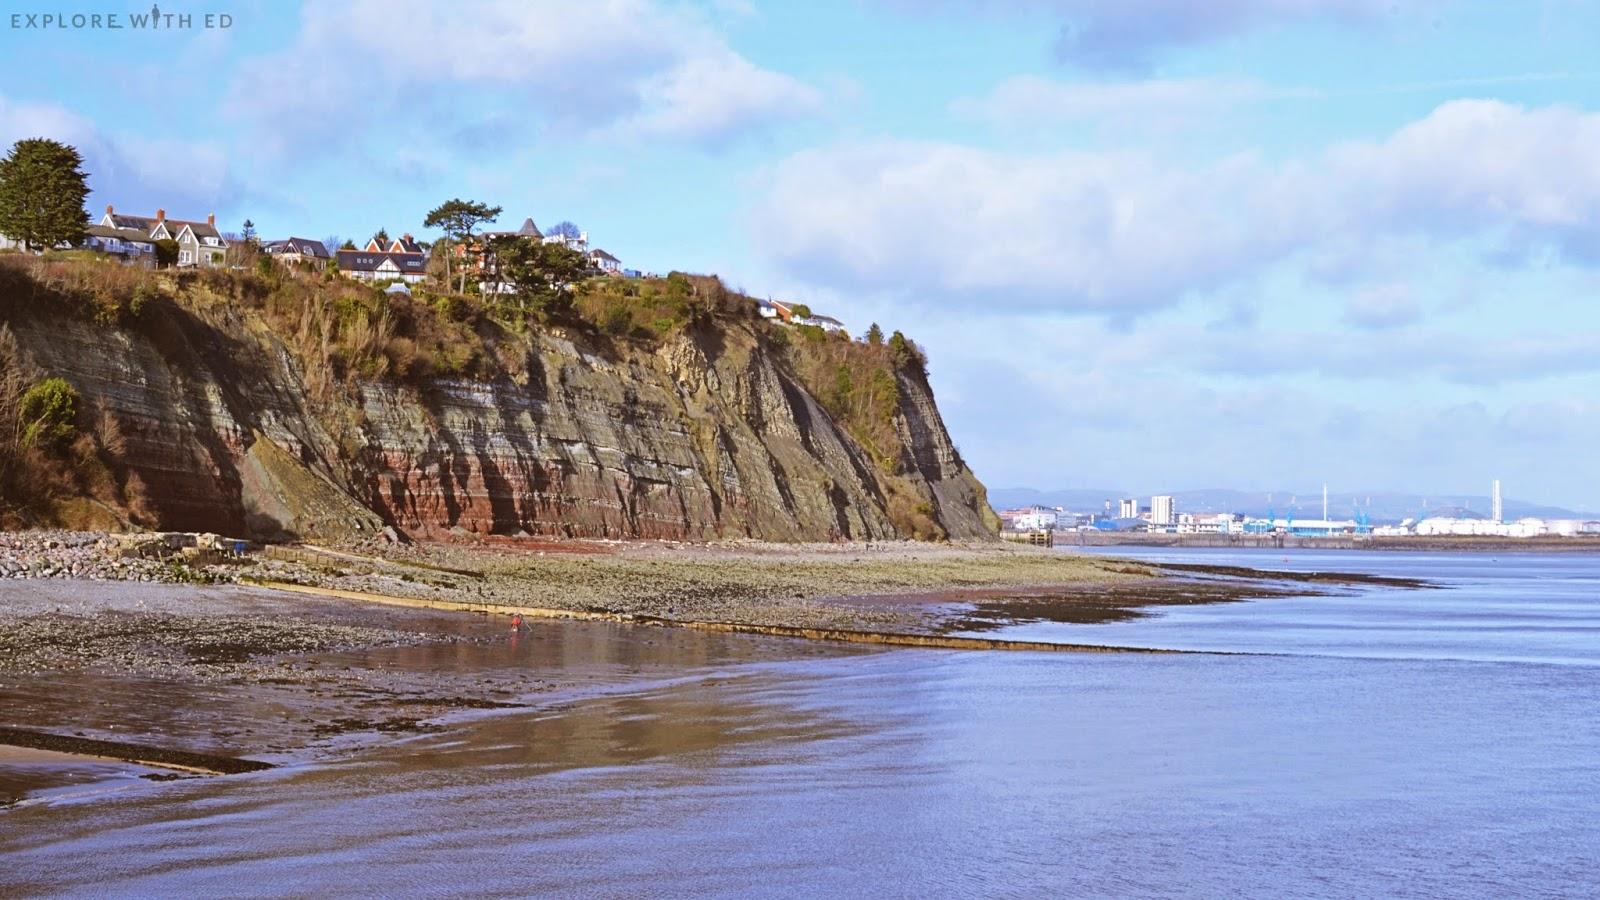 Rocky cliff and beach near Penarth